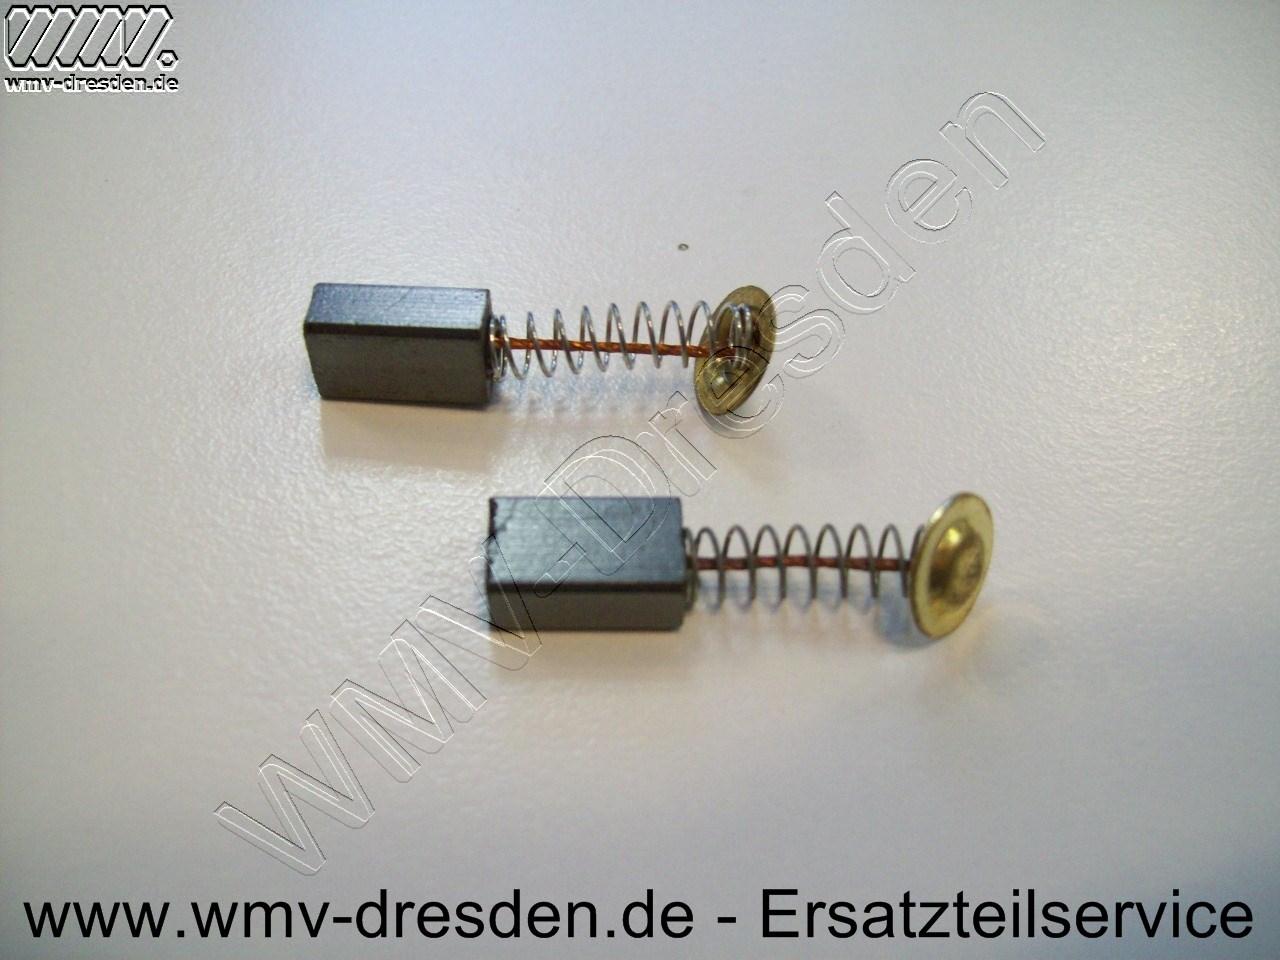 Kohlebürstenpaar - 7,8 x 5,0 x 12,5 mm, Litze/Feder 15 mm, Plättchen rund oder eckig